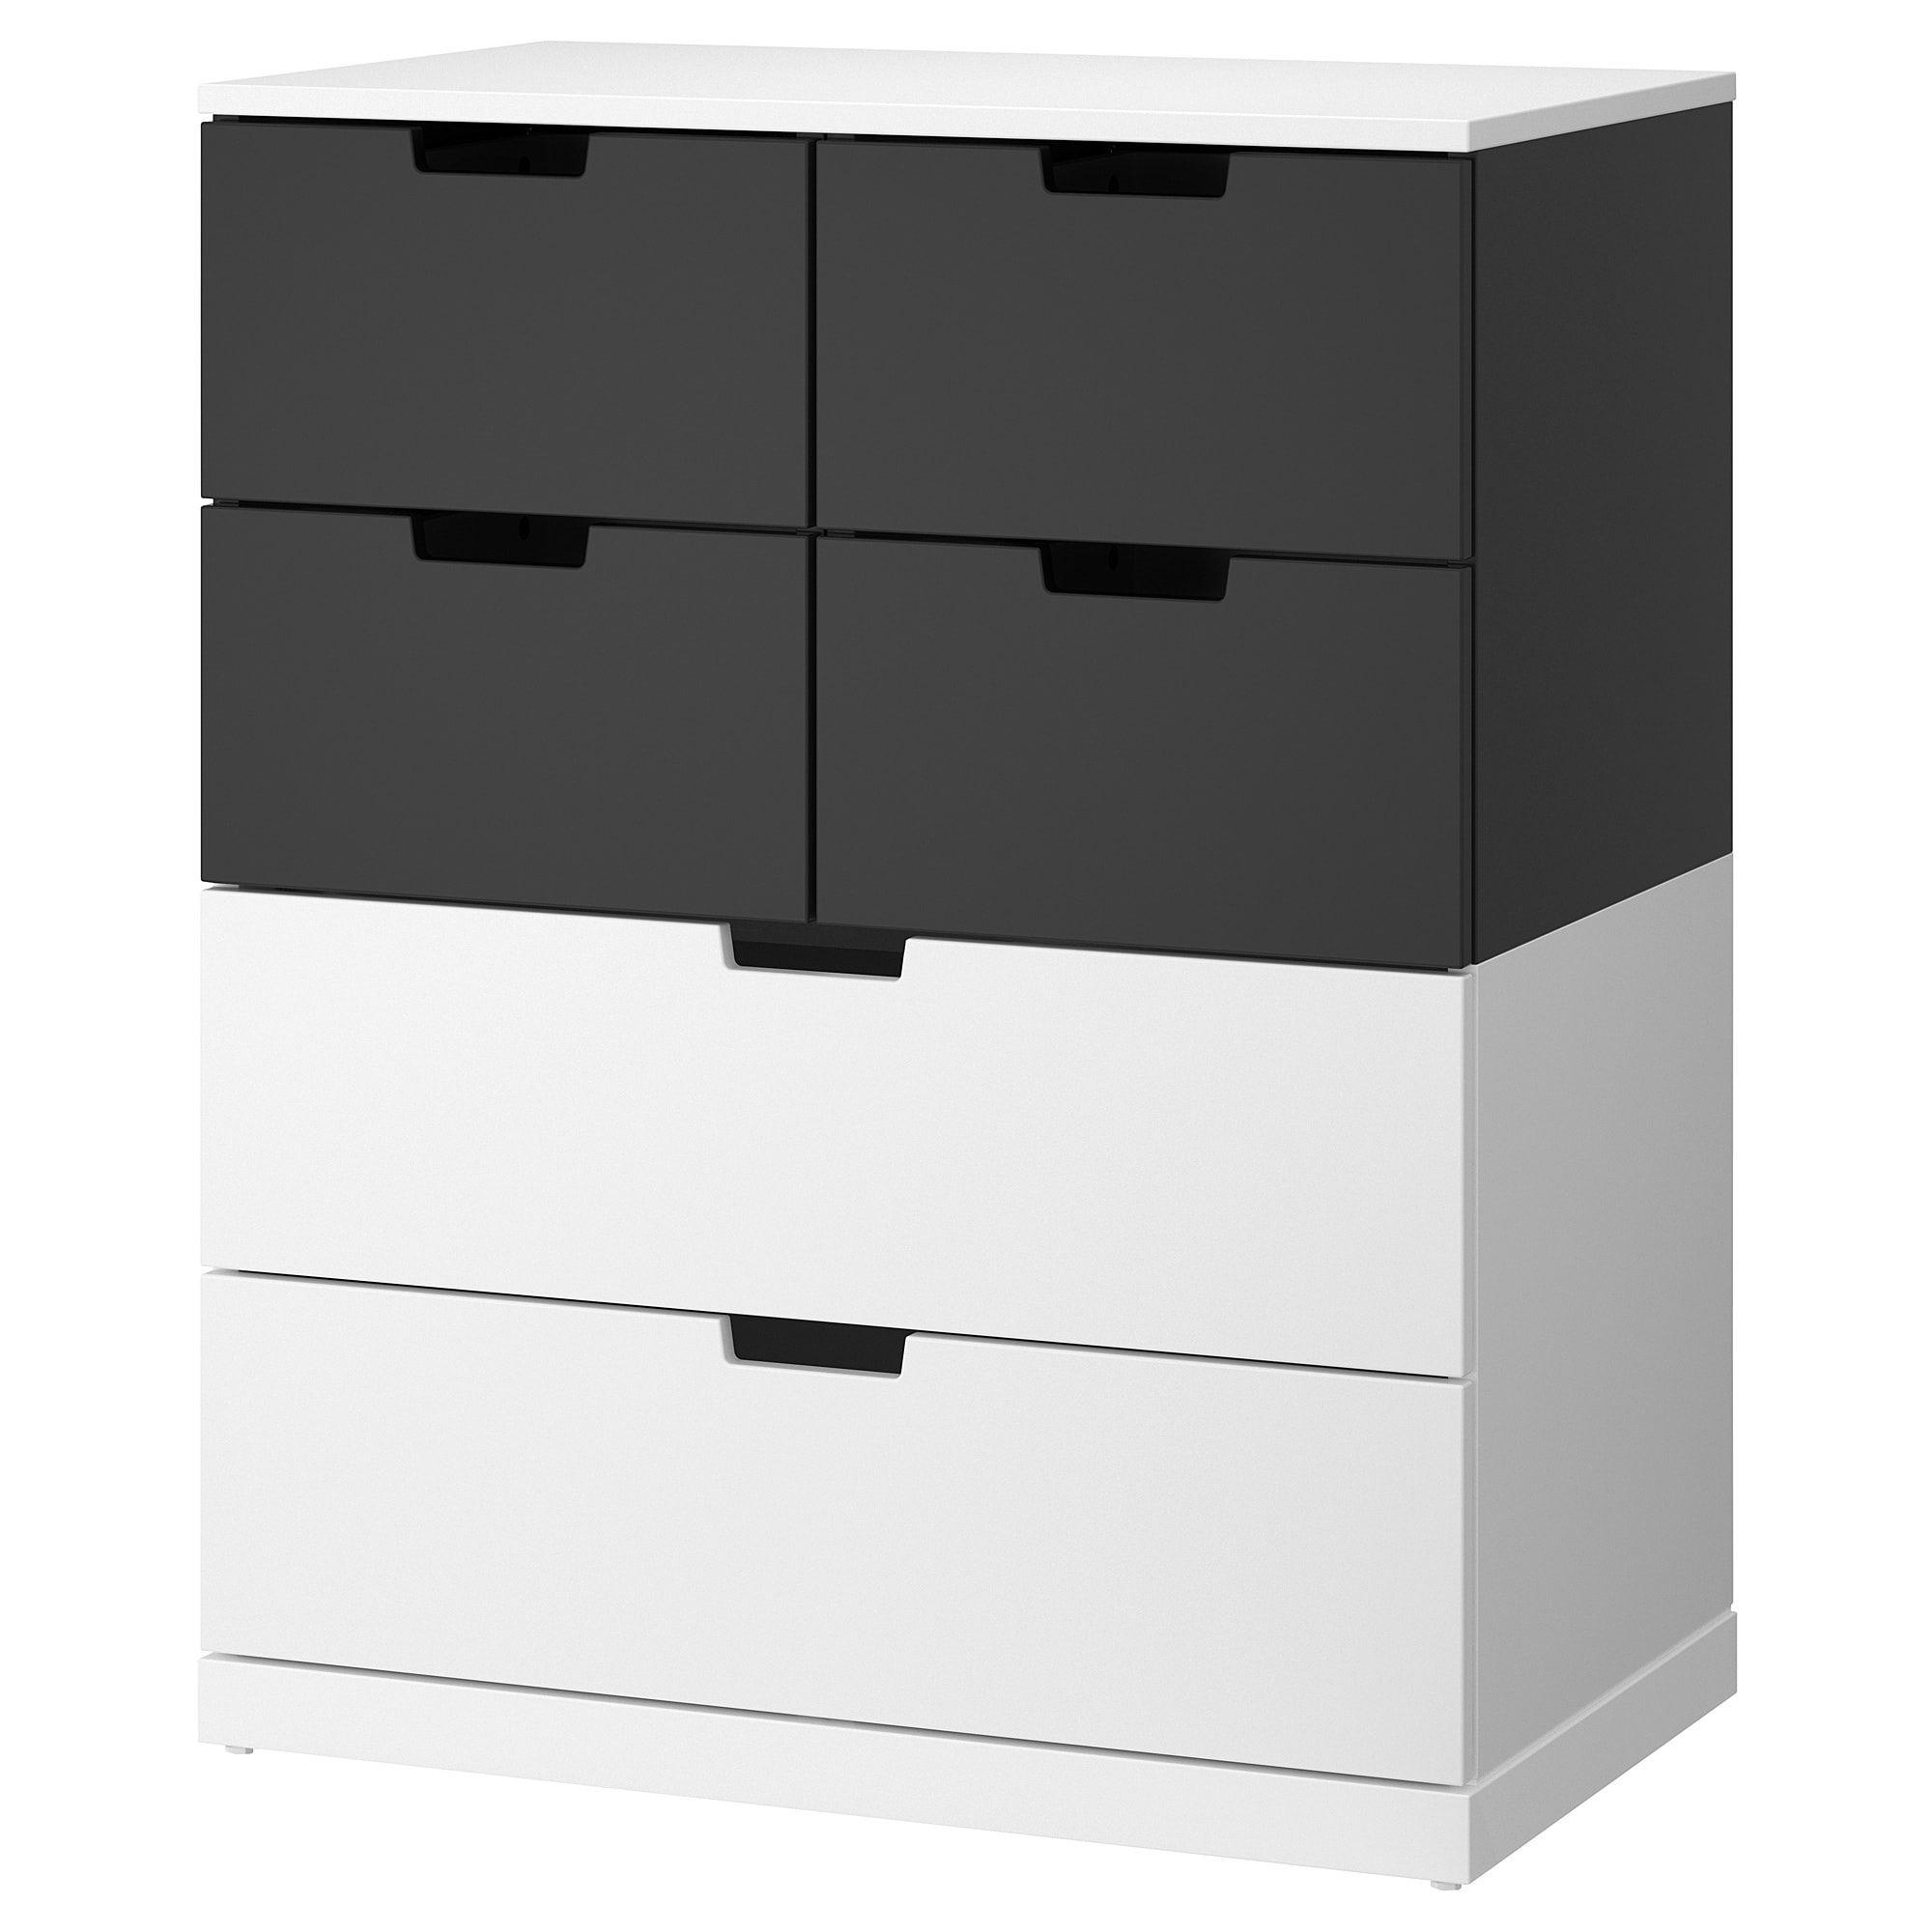 Nordli Ladekast Met 6 Lades Wit Antraciet 80x99 Cm Ikea Ladekast Lades Wanden [ 2000 x 2000 Pixel ]